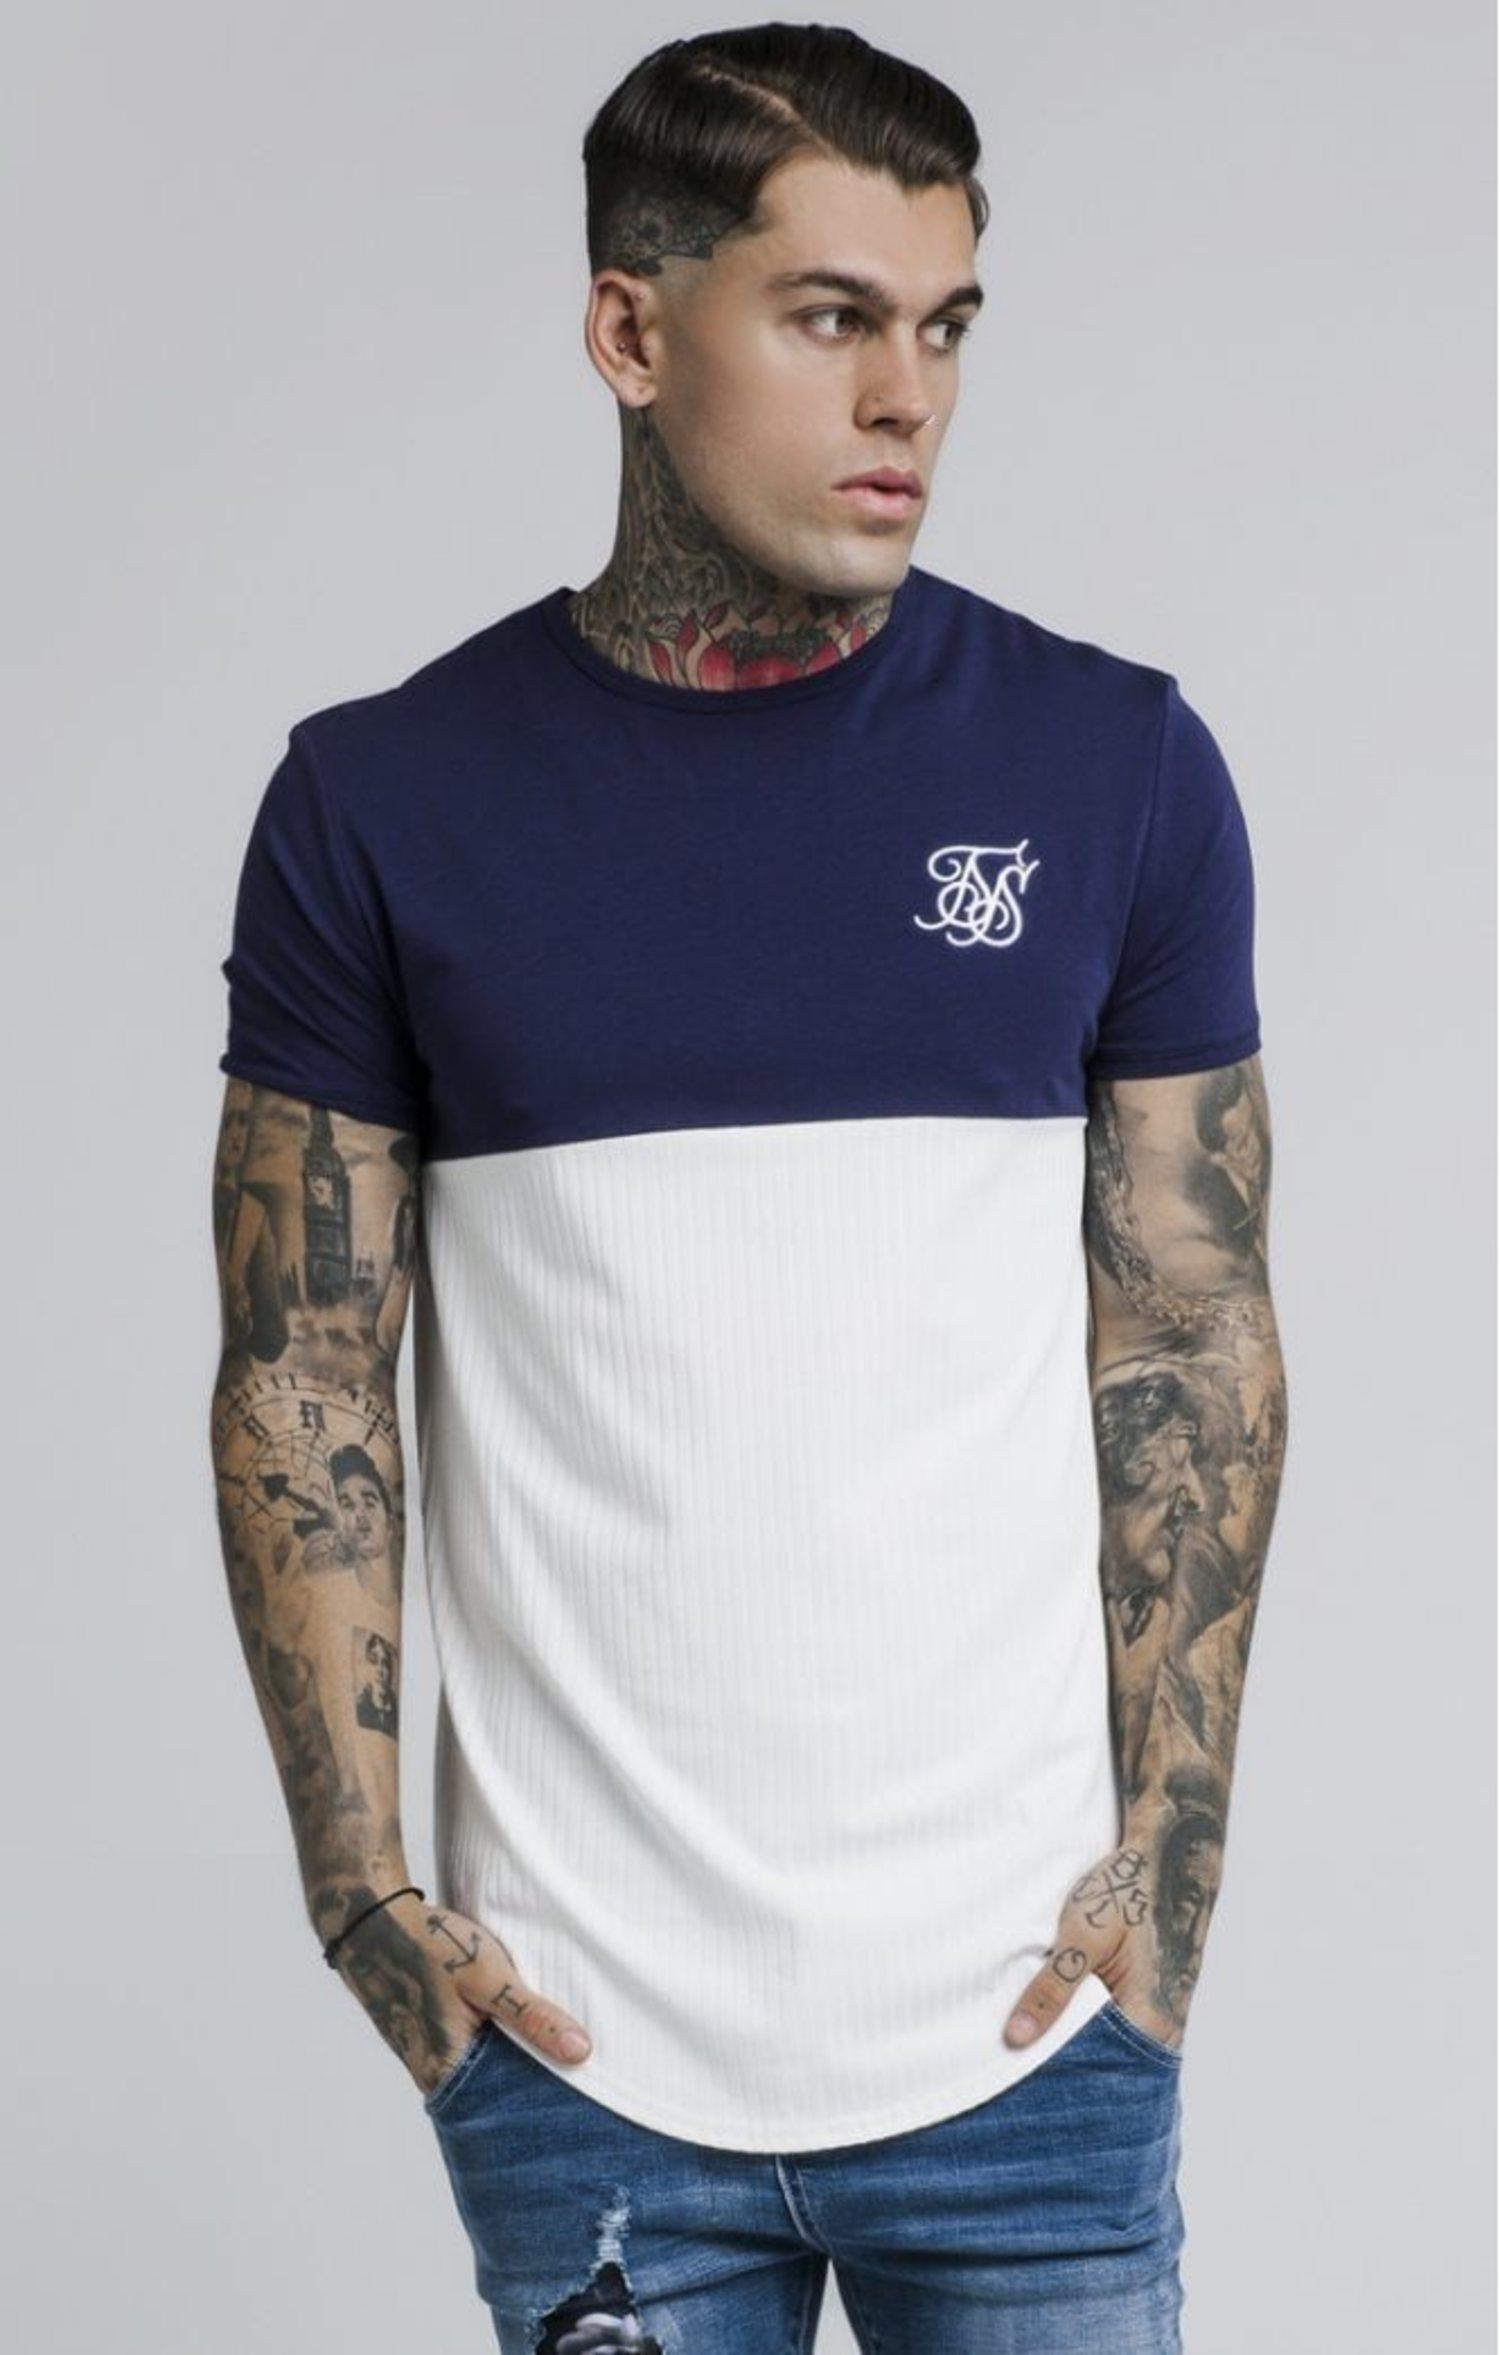 También tienen diseños más discretos como esta camiseta.